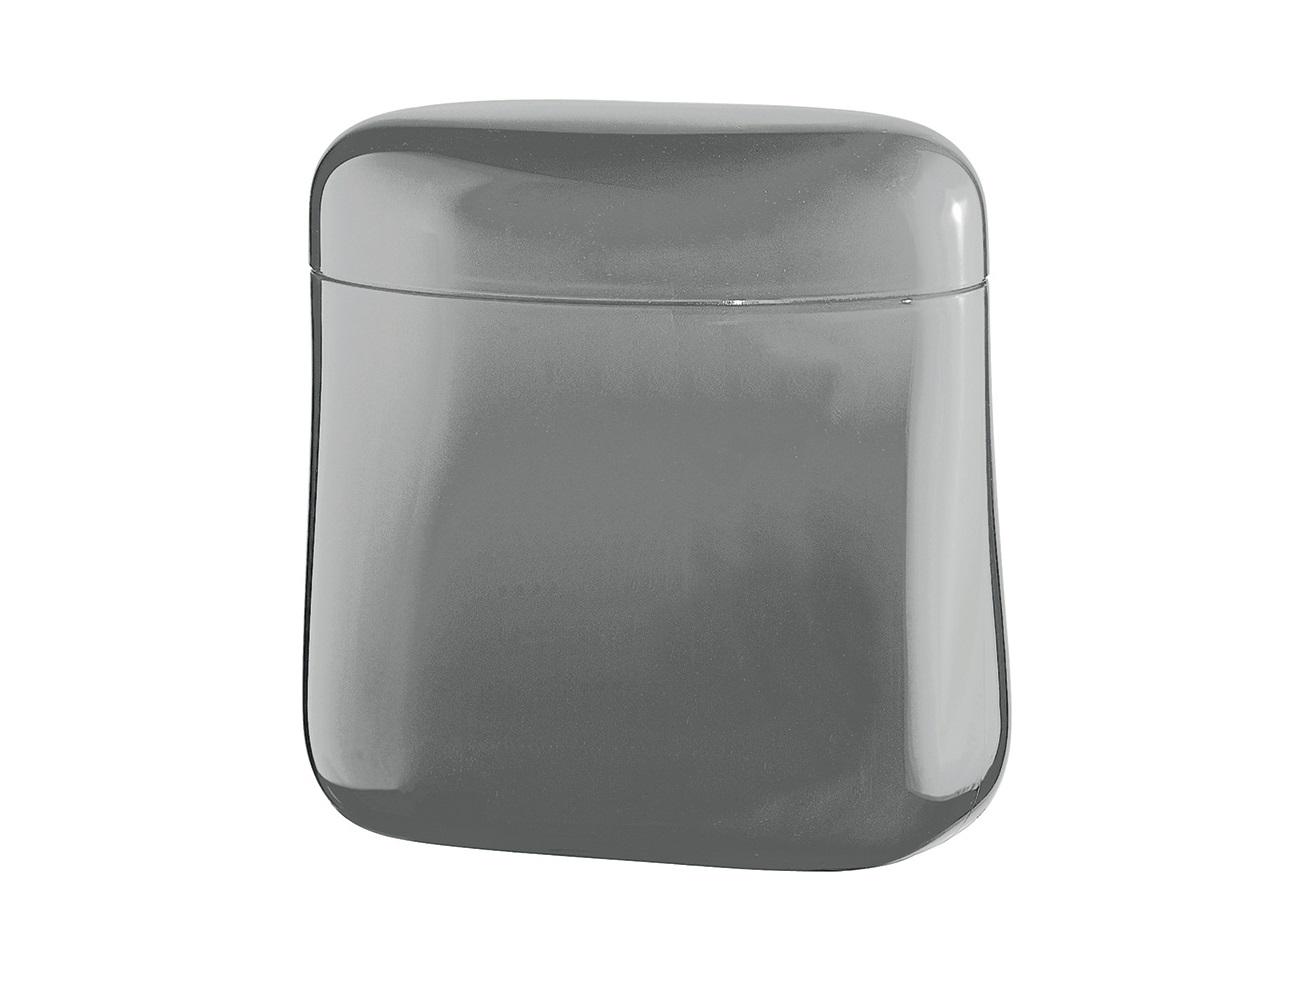 Банка для кофе GocceБанки и бутылки<br>Банка Gocce создана специально для длительного хранения кофе. Она изготовлена из органического стекла со светонепроницаемым покрытием для защиты от преждевременного разрушения. Крышка банки плотно закрывается, что позволит надолго сохранить вкус и аромат кофе. Благодаря своей компактности, ёмкость не займет много места в шкафу и идеально поместится в дверце холодильника. При желании её можно использовать для хранения не только кофе, но и других сыпучих продуктов. &amp;amp;nbsp;&amp;lt;div&amp;gt;&amp;lt;br&amp;gt;&amp;lt;/div&amp;gt;&amp;lt;div&amp;gt;Объем 700 мл.&amp;amp;nbsp;&amp;lt;/div&amp;gt;&amp;lt;div&amp;gt;Пригодна для мытья в посудомоечной машине.&amp;lt;/div&amp;gt;<br><br>Material: Стекло<br>Width см: 14<br>Depth см: 8<br>Height см: 14,5